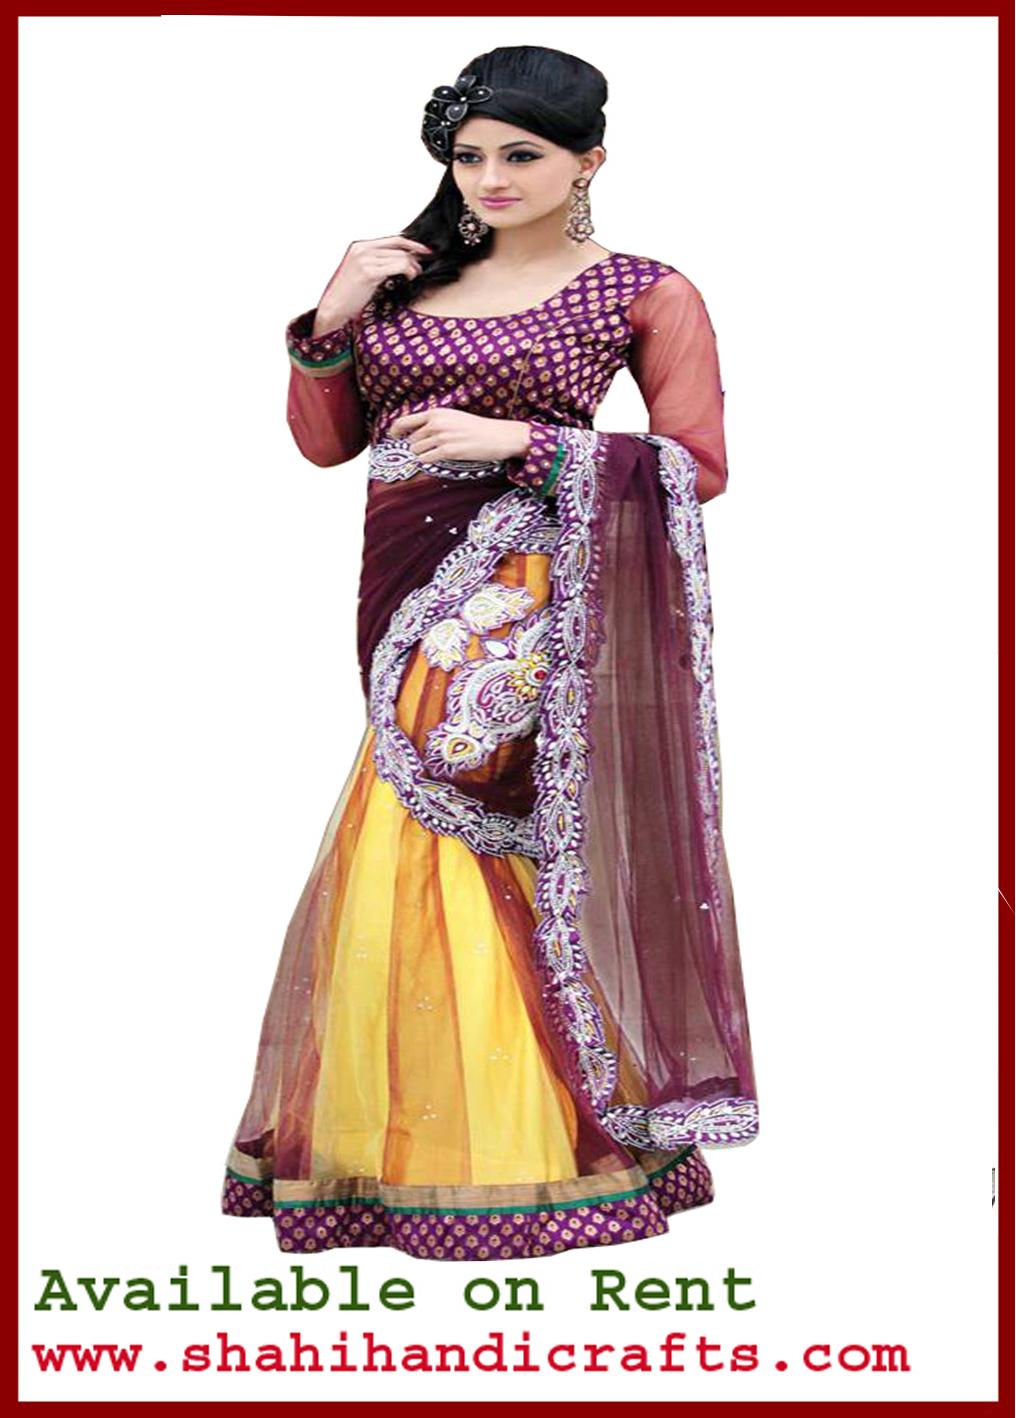 Shahihandi Craft